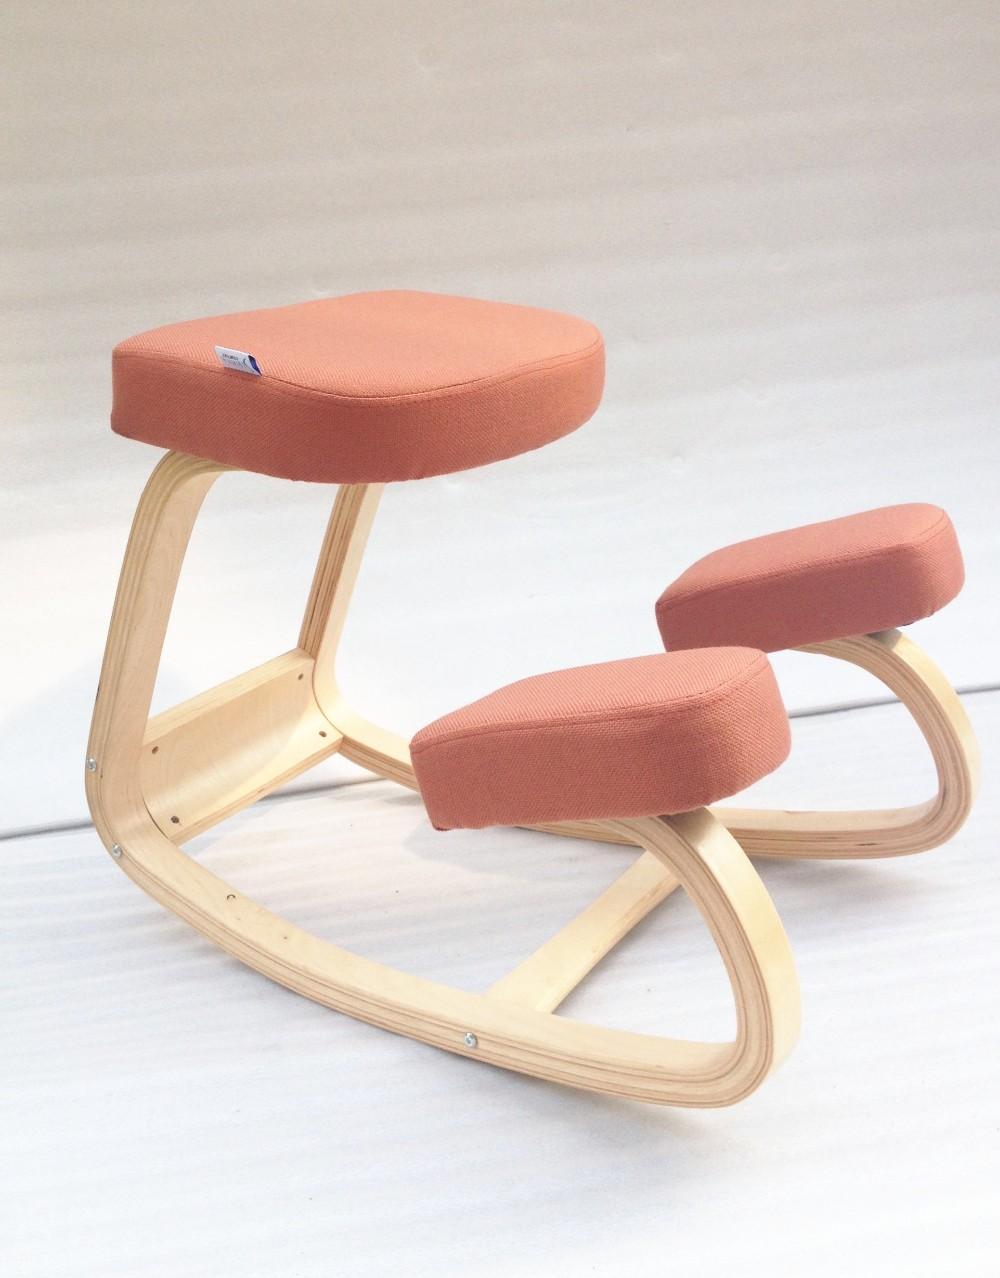 Rocking kneeling chair - Wooden Kneeling Chair Wooden Kneeling Chair Suppliers And Manufacturers At Alibaba Com